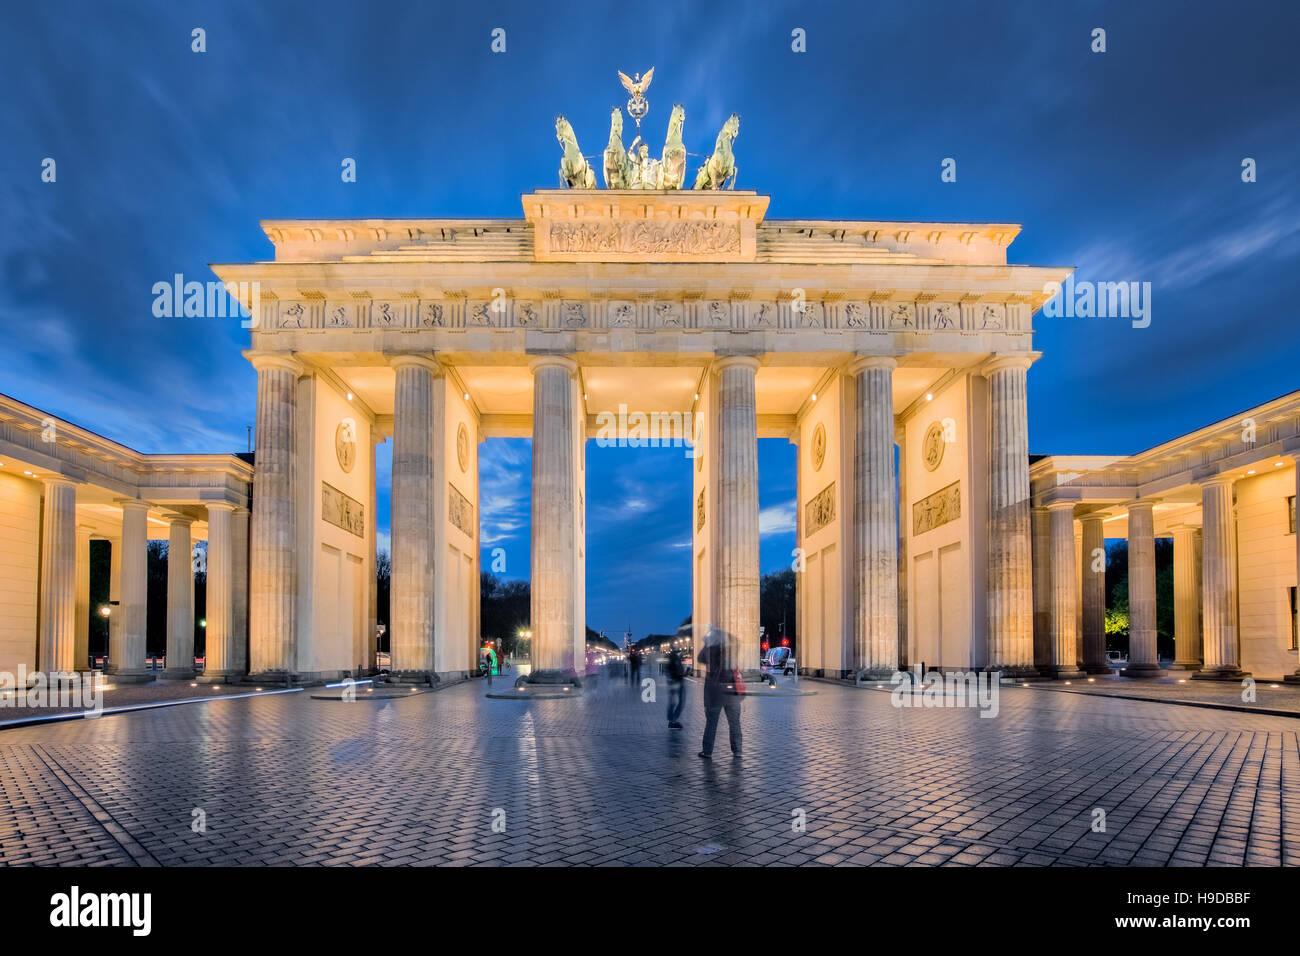 La notte di Berlino, la Porta di Brandeburgo a Berlino, Germania. Immagini Stock